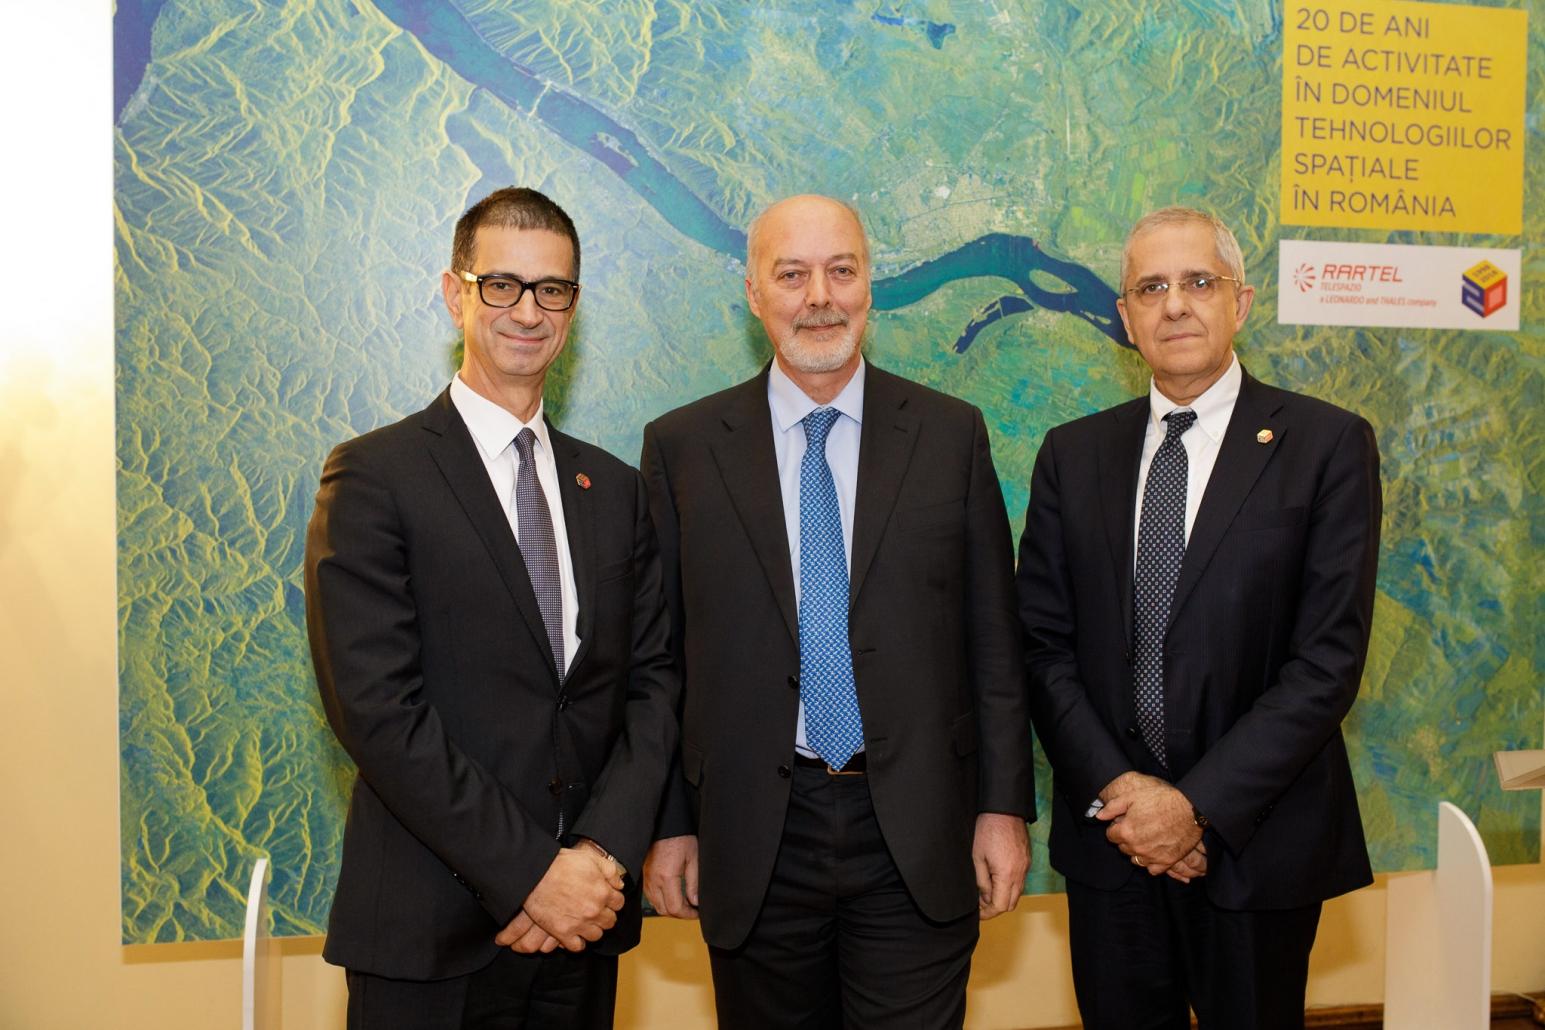 Foto evenimente, ambasada Italiei